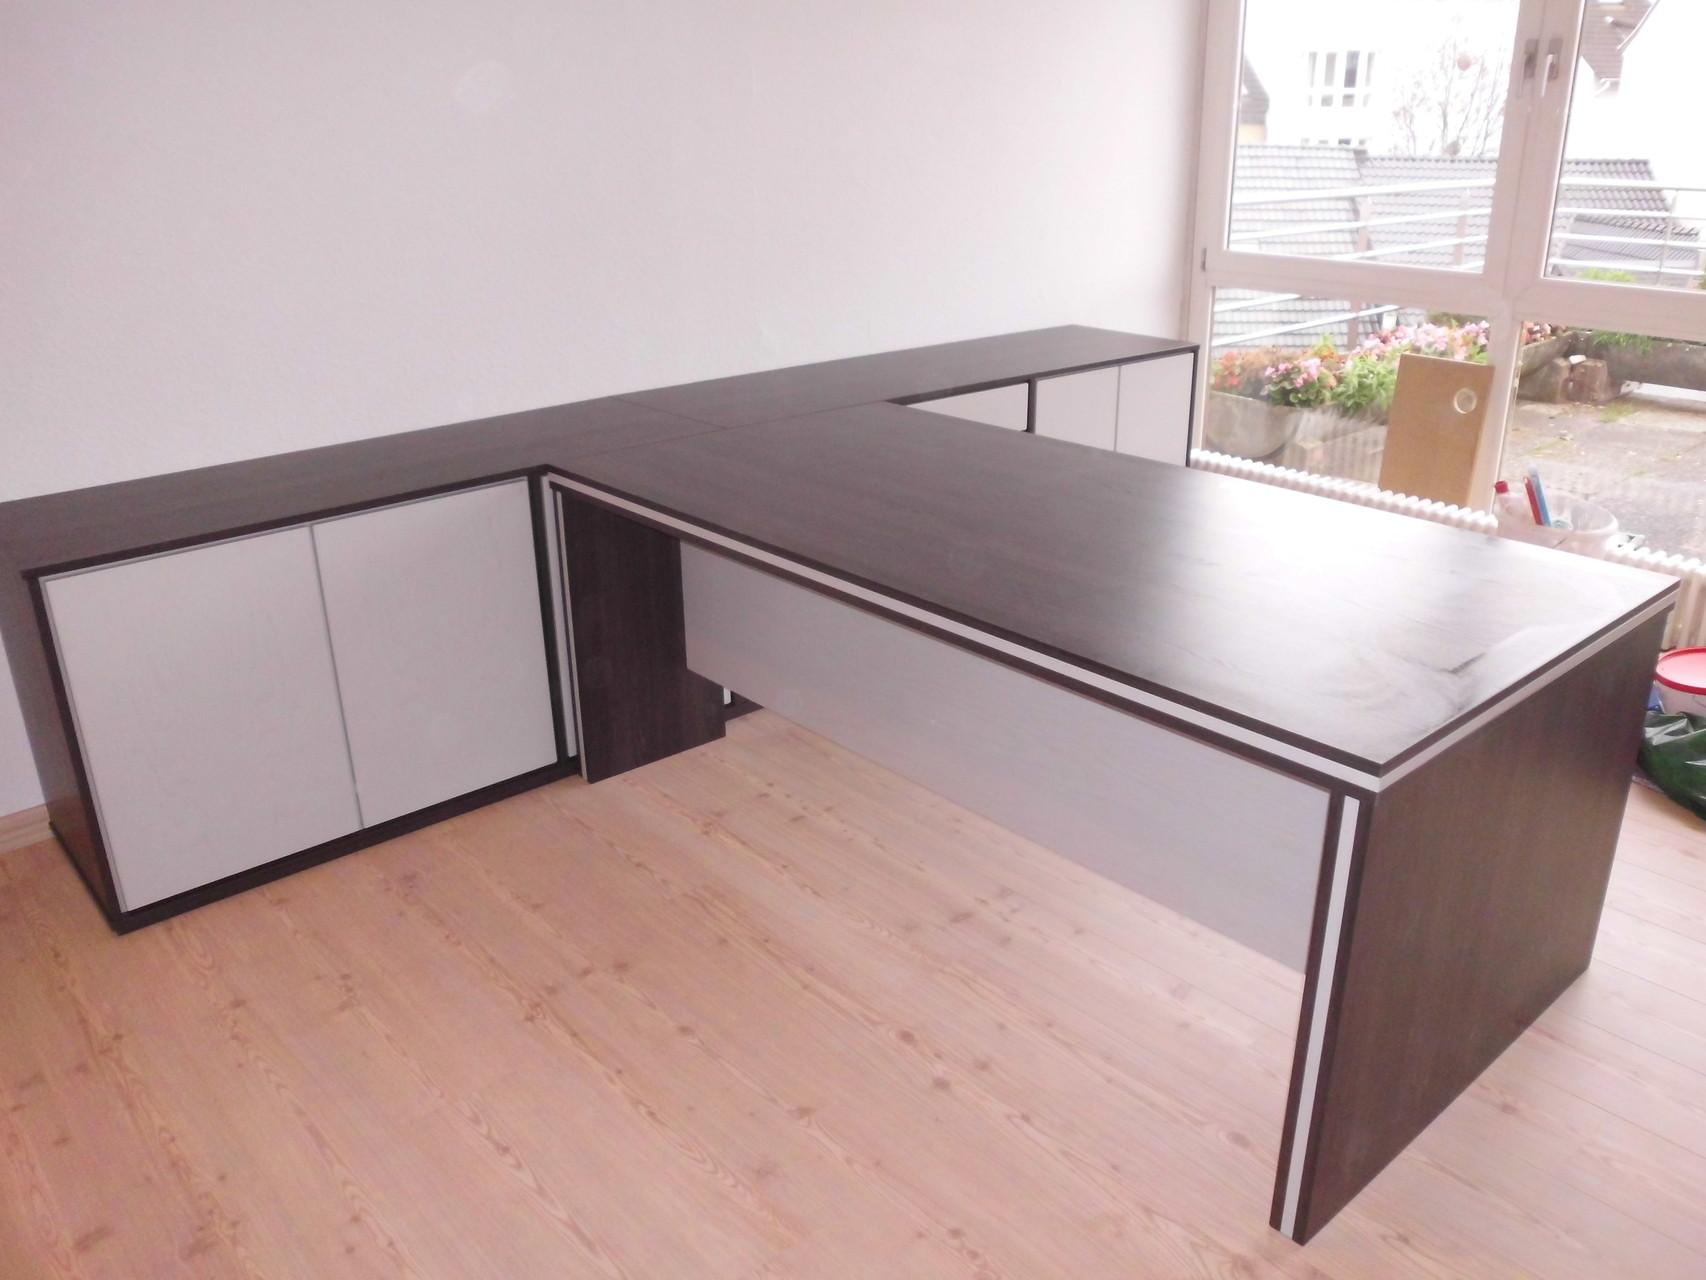 Schreibtischanlage mit angebauten Schränken